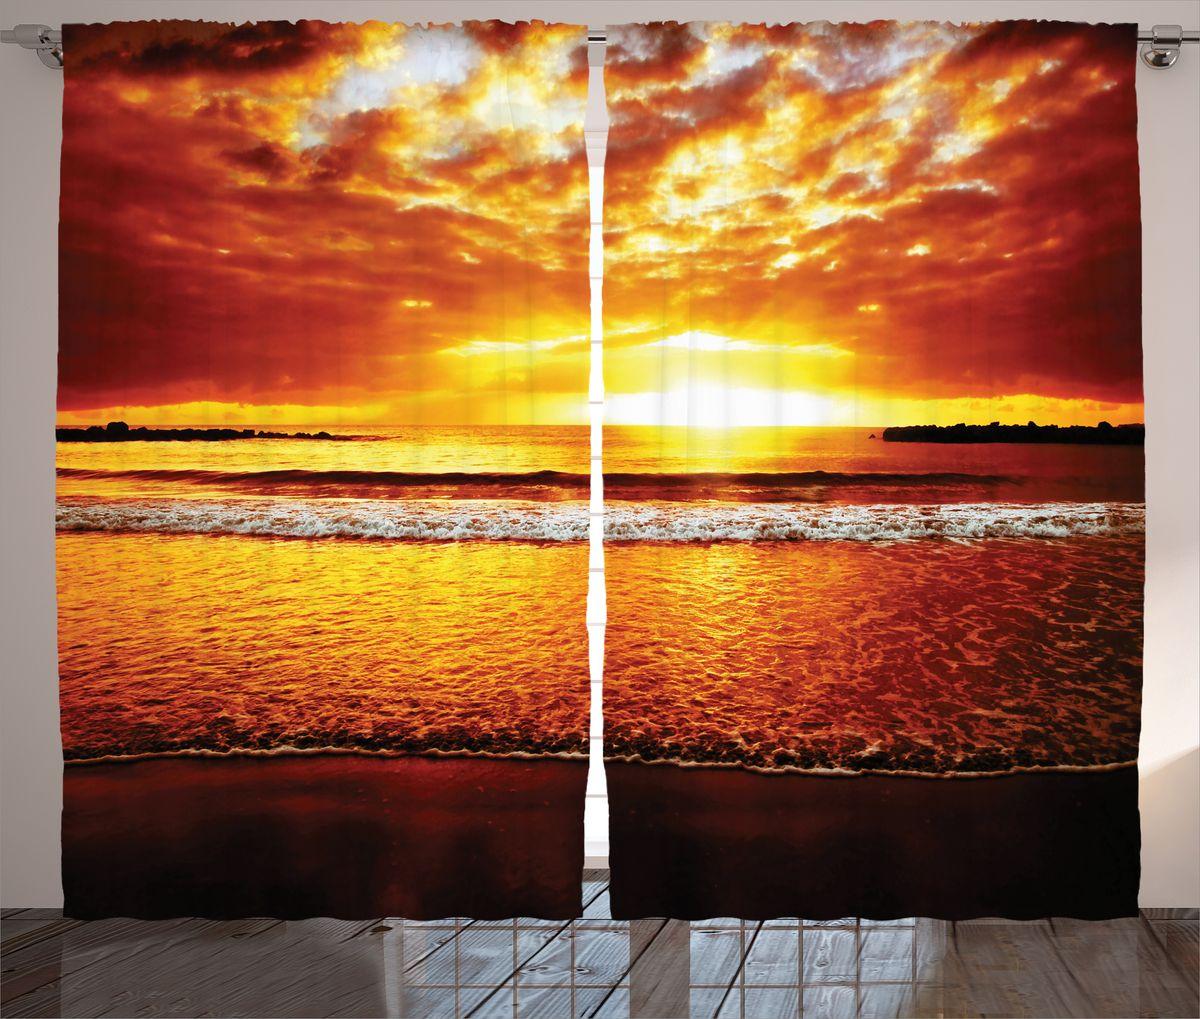 Комплект фотоштор Magic Lady Пламенеющий закат над морем, на ленте, высота 265 см. шсг_15024шсг_2673Компания Сэмболь изготавливает шторы из высококачественного сатена (полиэстер 100%). При изготовлении используются специальные гипоаллергенные чернила для прямой печати по ткани, безопасные для человека и животных. Экологичность продукции Magic lady и безопасность для окружающей среды подтверждены сертификатом Oeko-Tex Standard 100. Крепление: крючки для крепления на шторной ленте (50 шт). Возможно крепление на трубу. Внимание! При нанесении сублимационной печати на ткань технологическим методом при температуре 240°С, возможно отклонение полученных размеров (указанных на этикетке и сайте) от стандартных на + - 3-5 см. Производитель старается максимально точно передать цвета изделия на фотографиях, однако искажения неизбежны и фактический цвет изделия может отличаться от воспринимаемого по фото. Обратите внимание! Шторы изготовлены из полиэстра сатенового переплетения, а не из сатина (хлопок). Размер одного полотна шторы: 145х265 см. В комплекте 2 полотна шторы и 50 крючков.